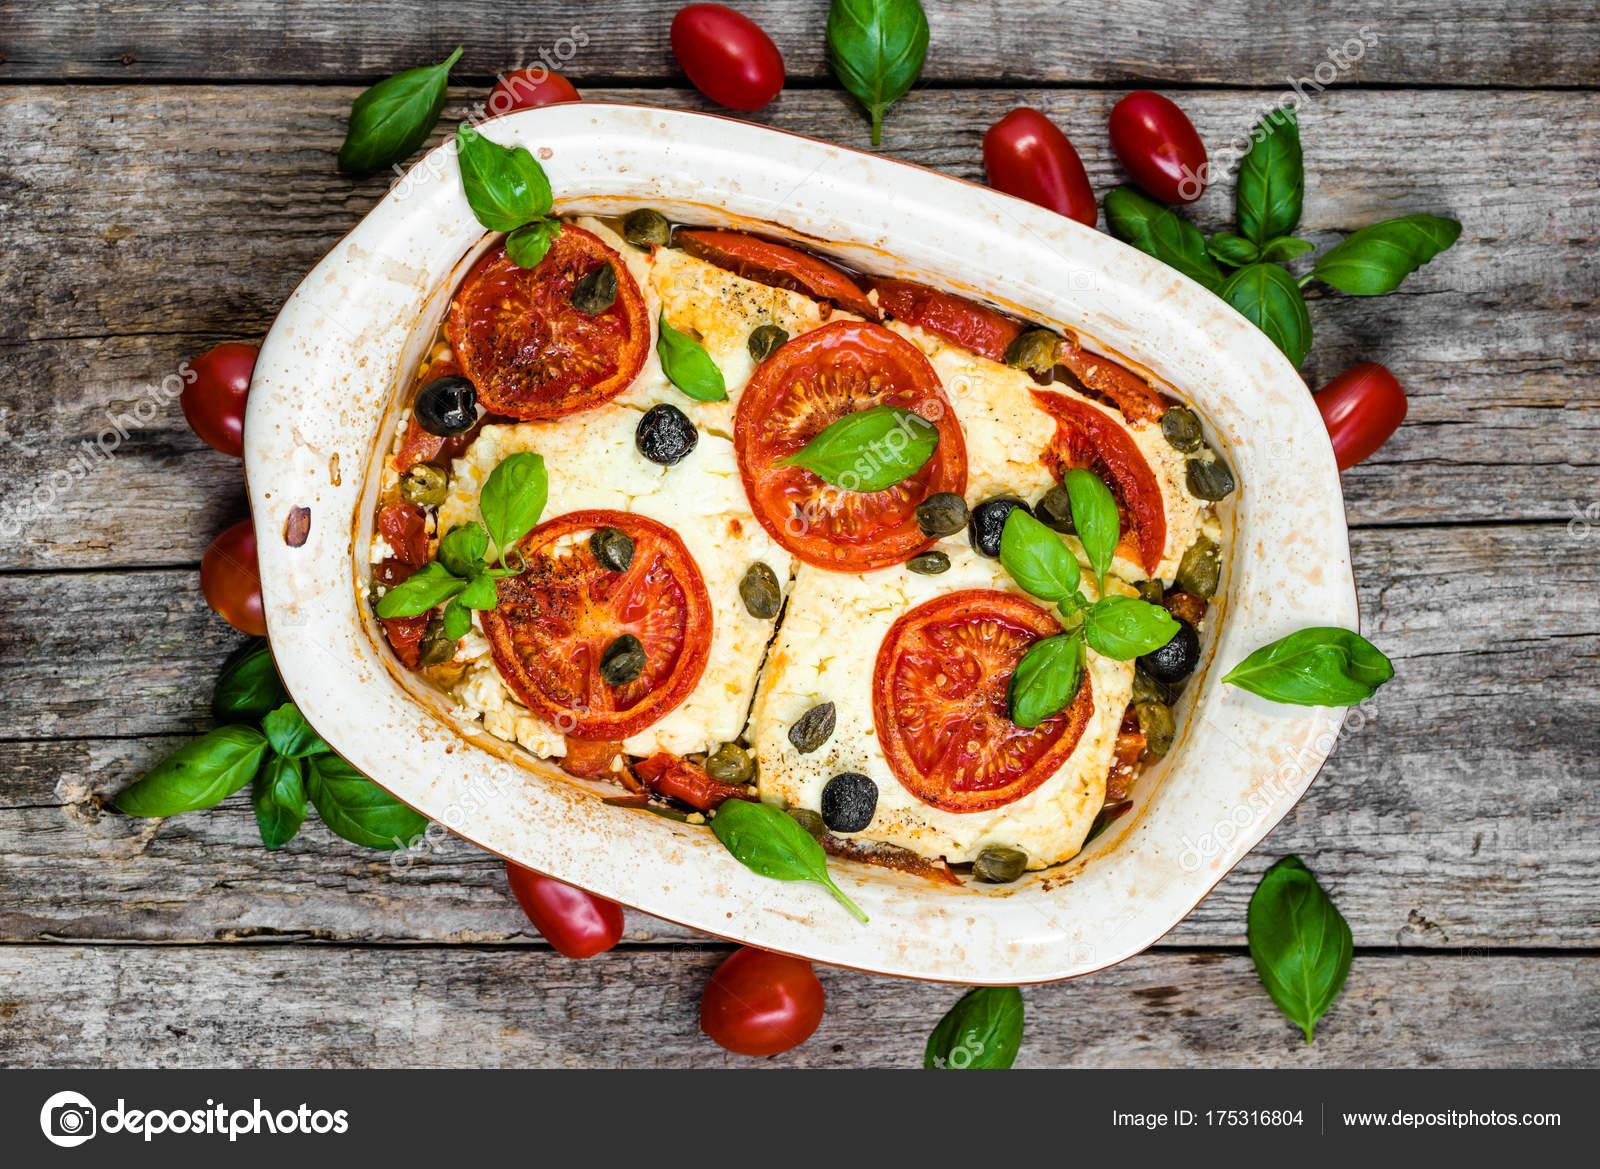 2d3d6f49ef Gemüse mit Feta überbacken. gesundes Essen, vegetarisches Gericht.  Griechische Speisen der mediterranen Küche. — Foto von alicjane